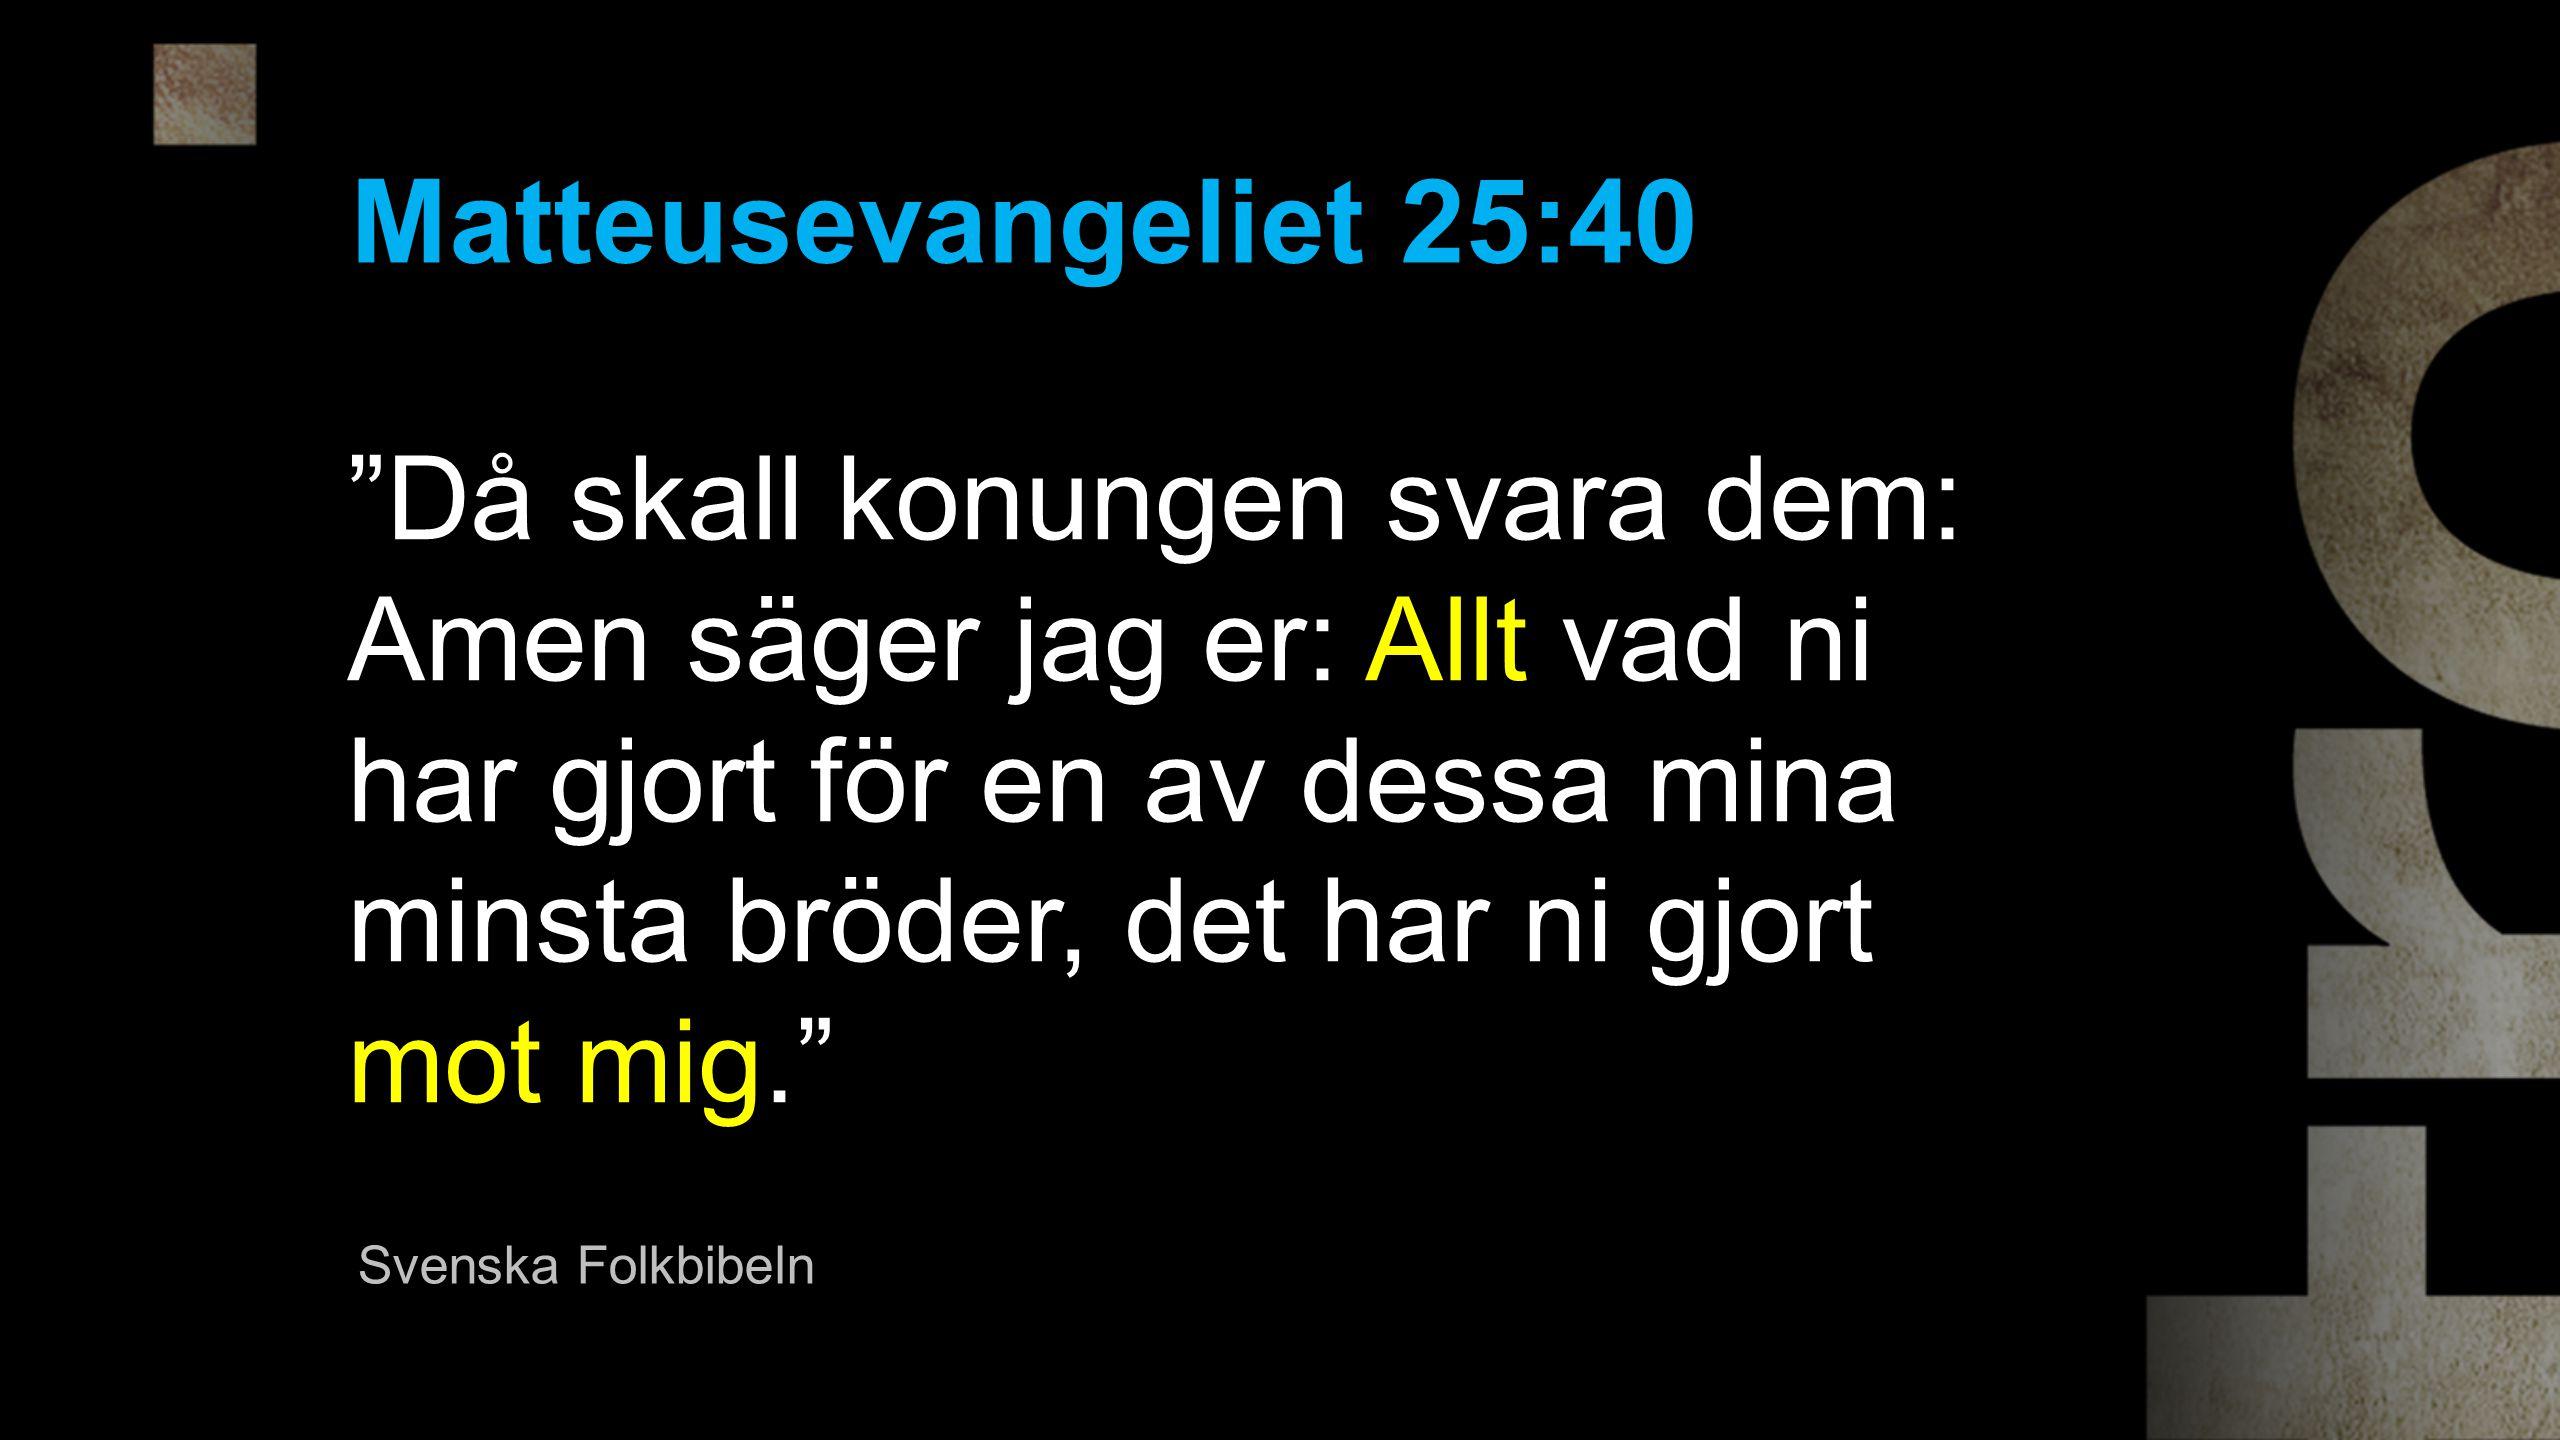 Matteusevangeliet 25:40